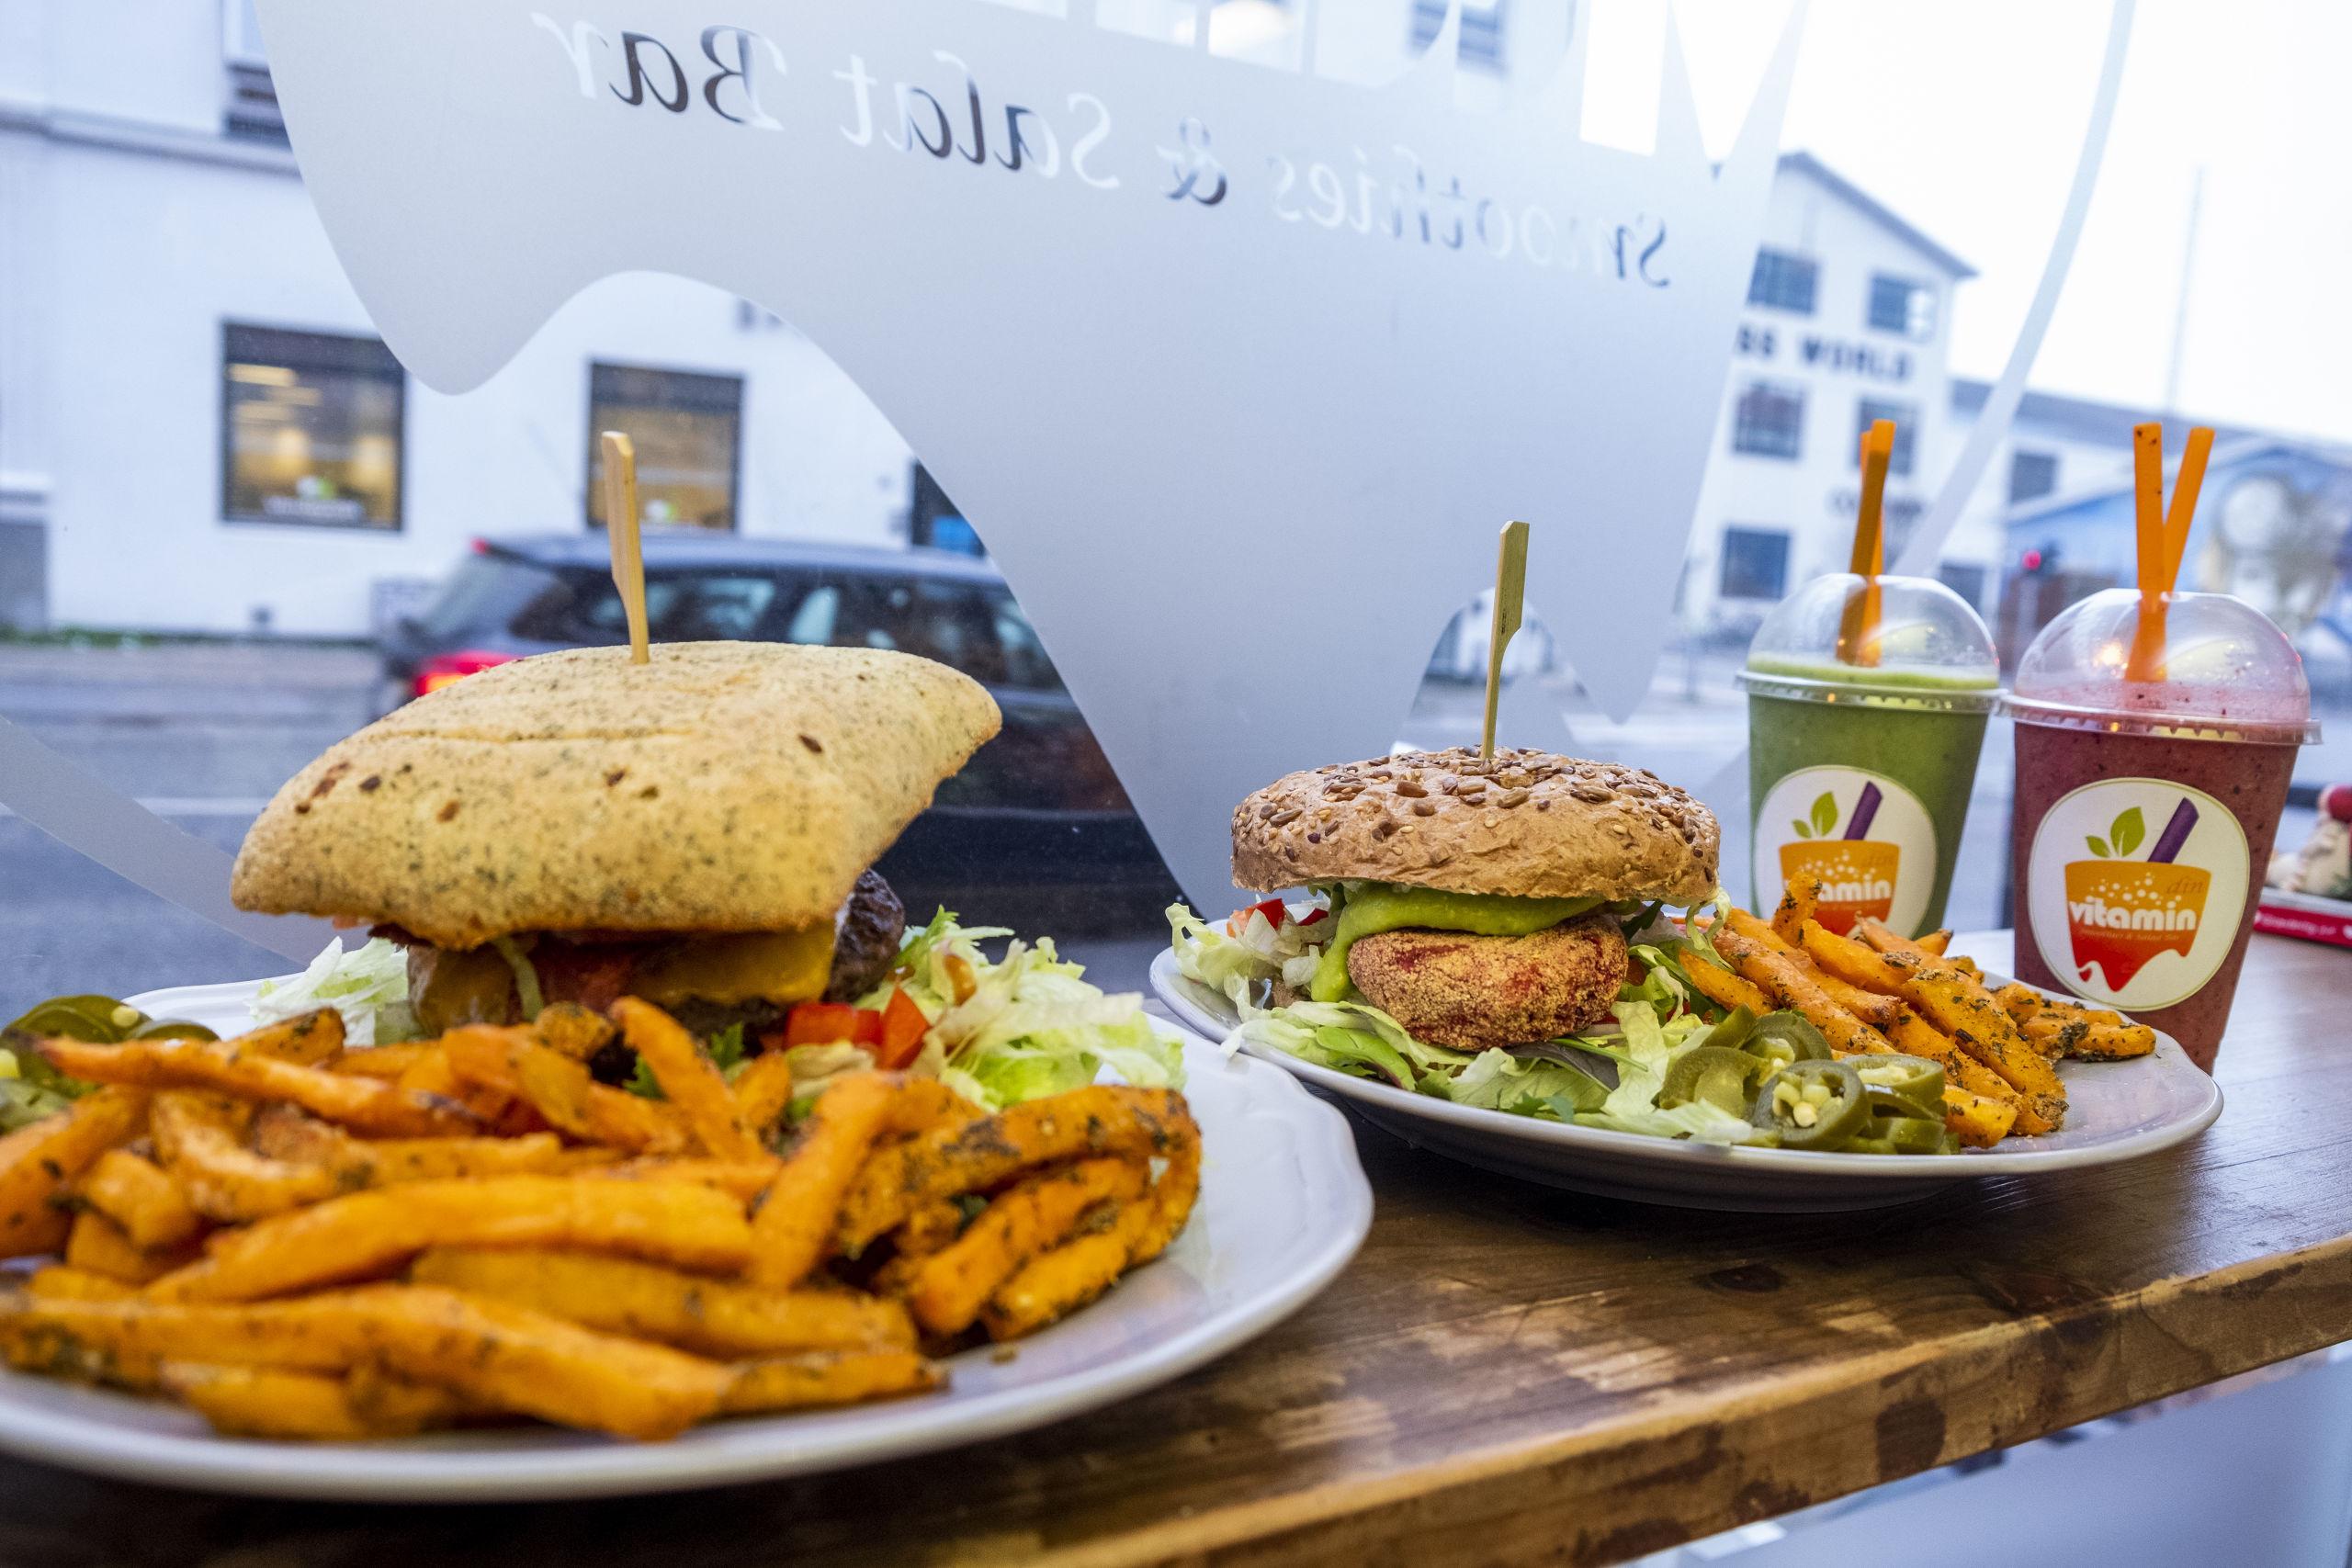 Stedet byder også på burgere og fritter fra ovnen. Foto: Lasse Sand